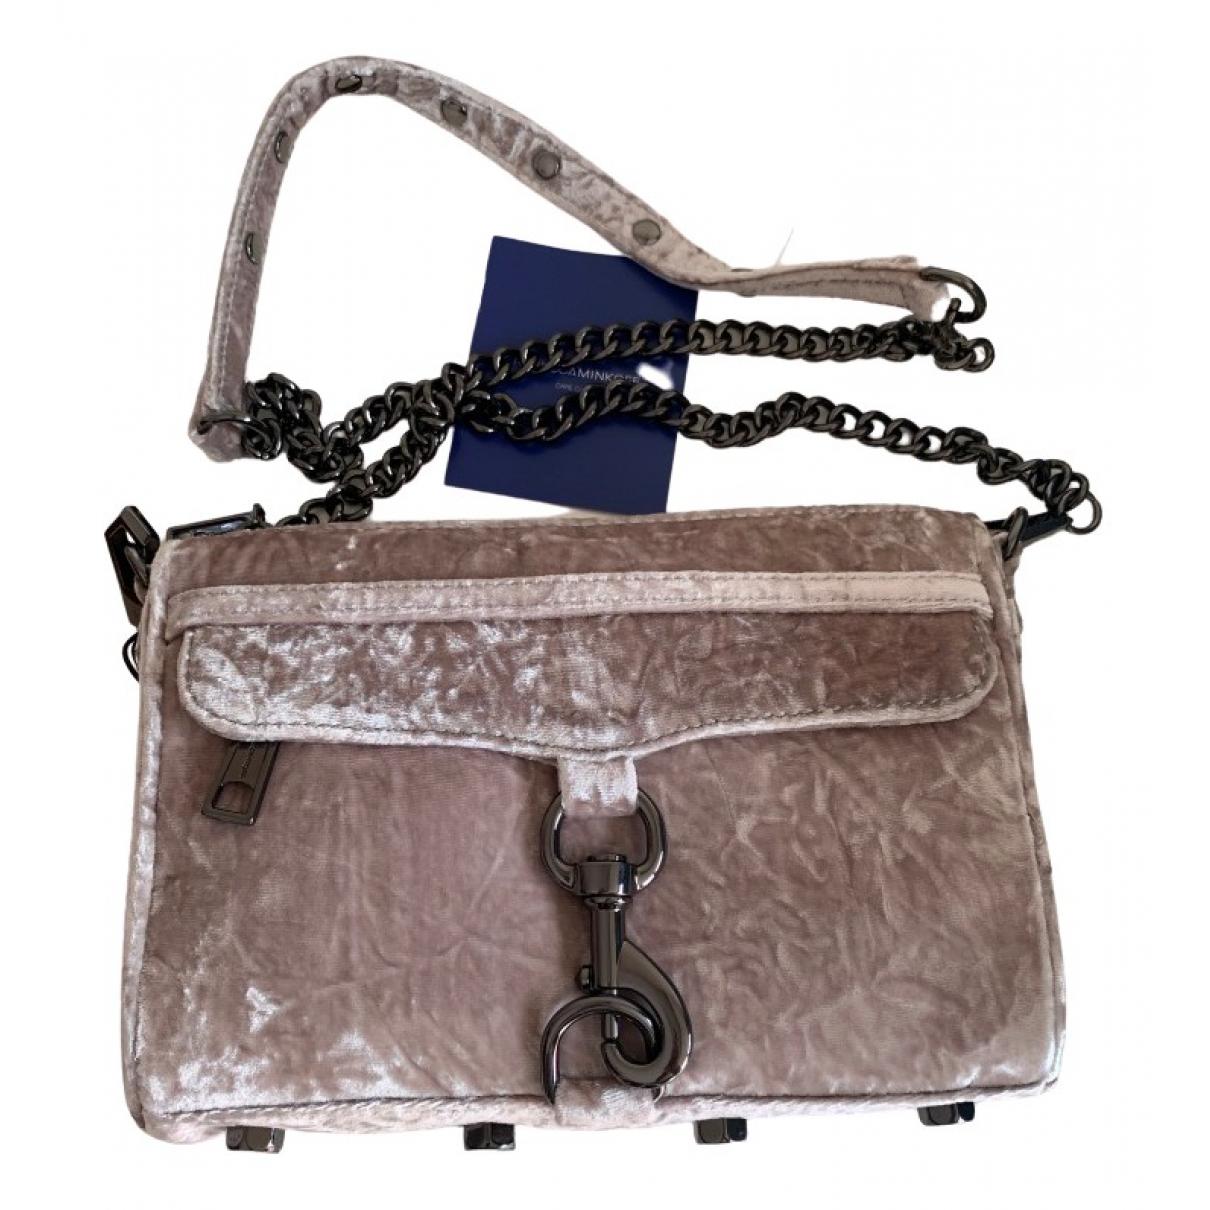 Rebecca Minkoff \N Handtasche in  Beige Samt